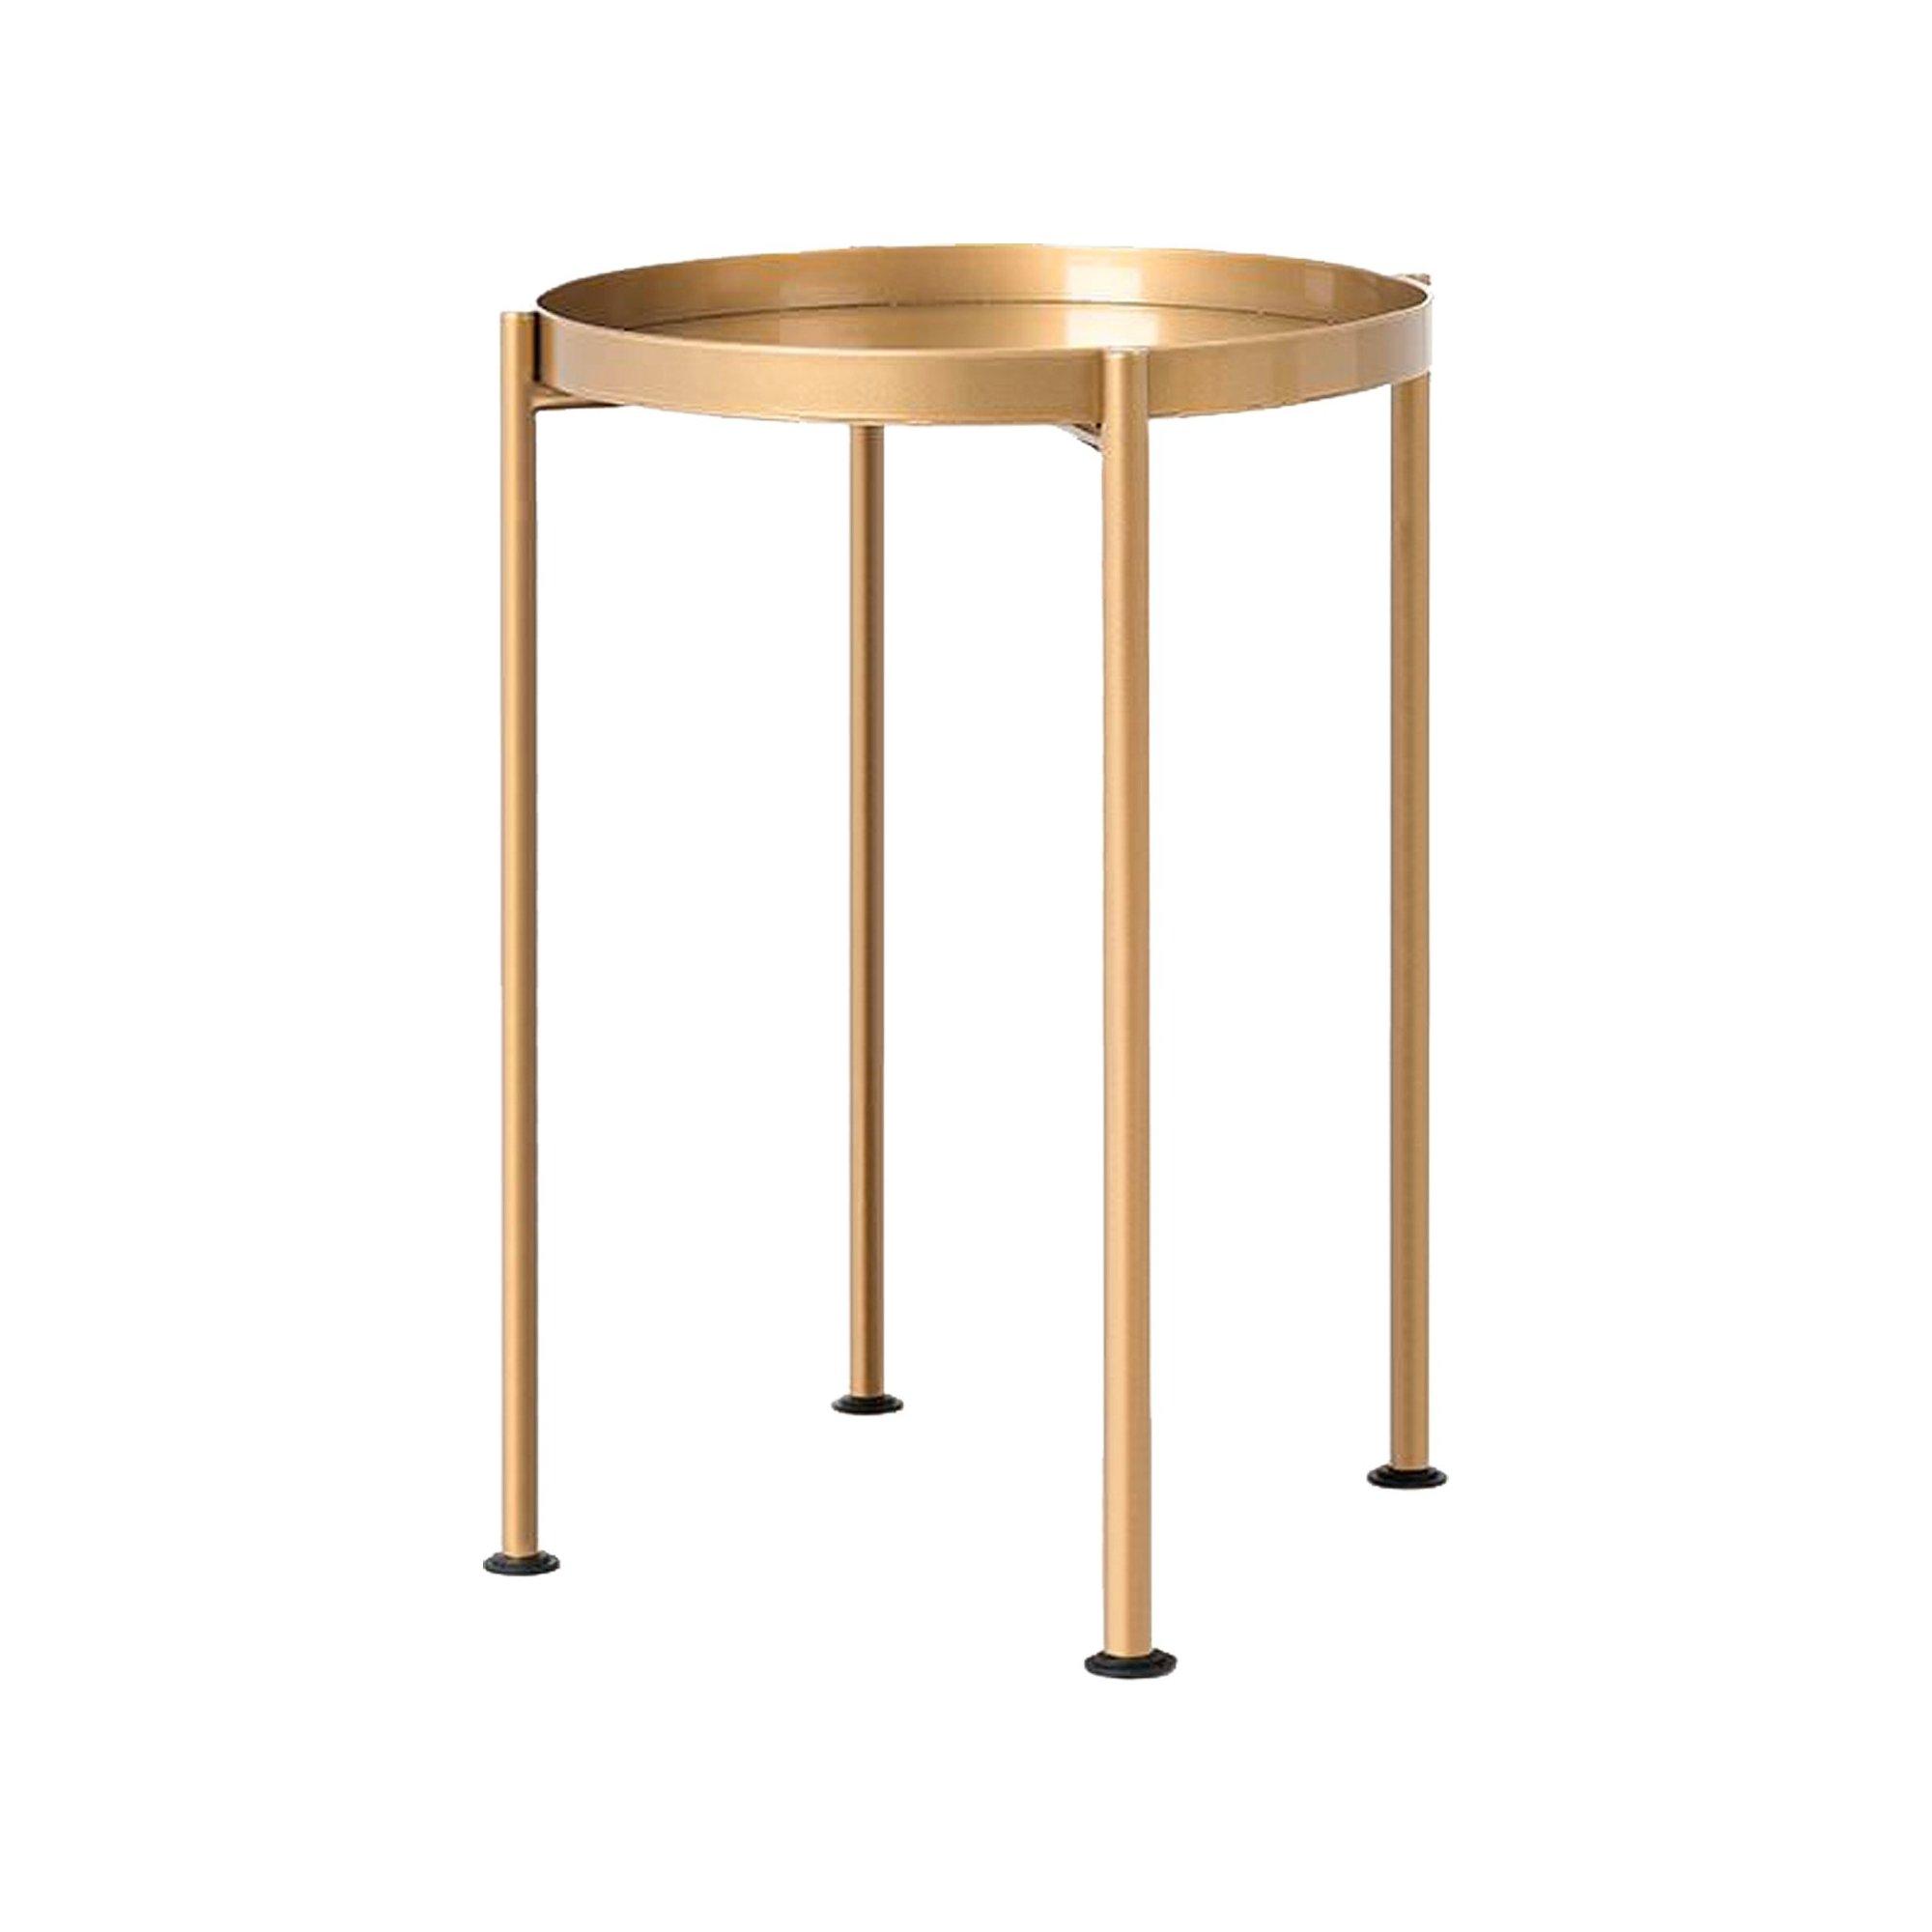 maison du monde Table d'appoint ronde doré d40cm